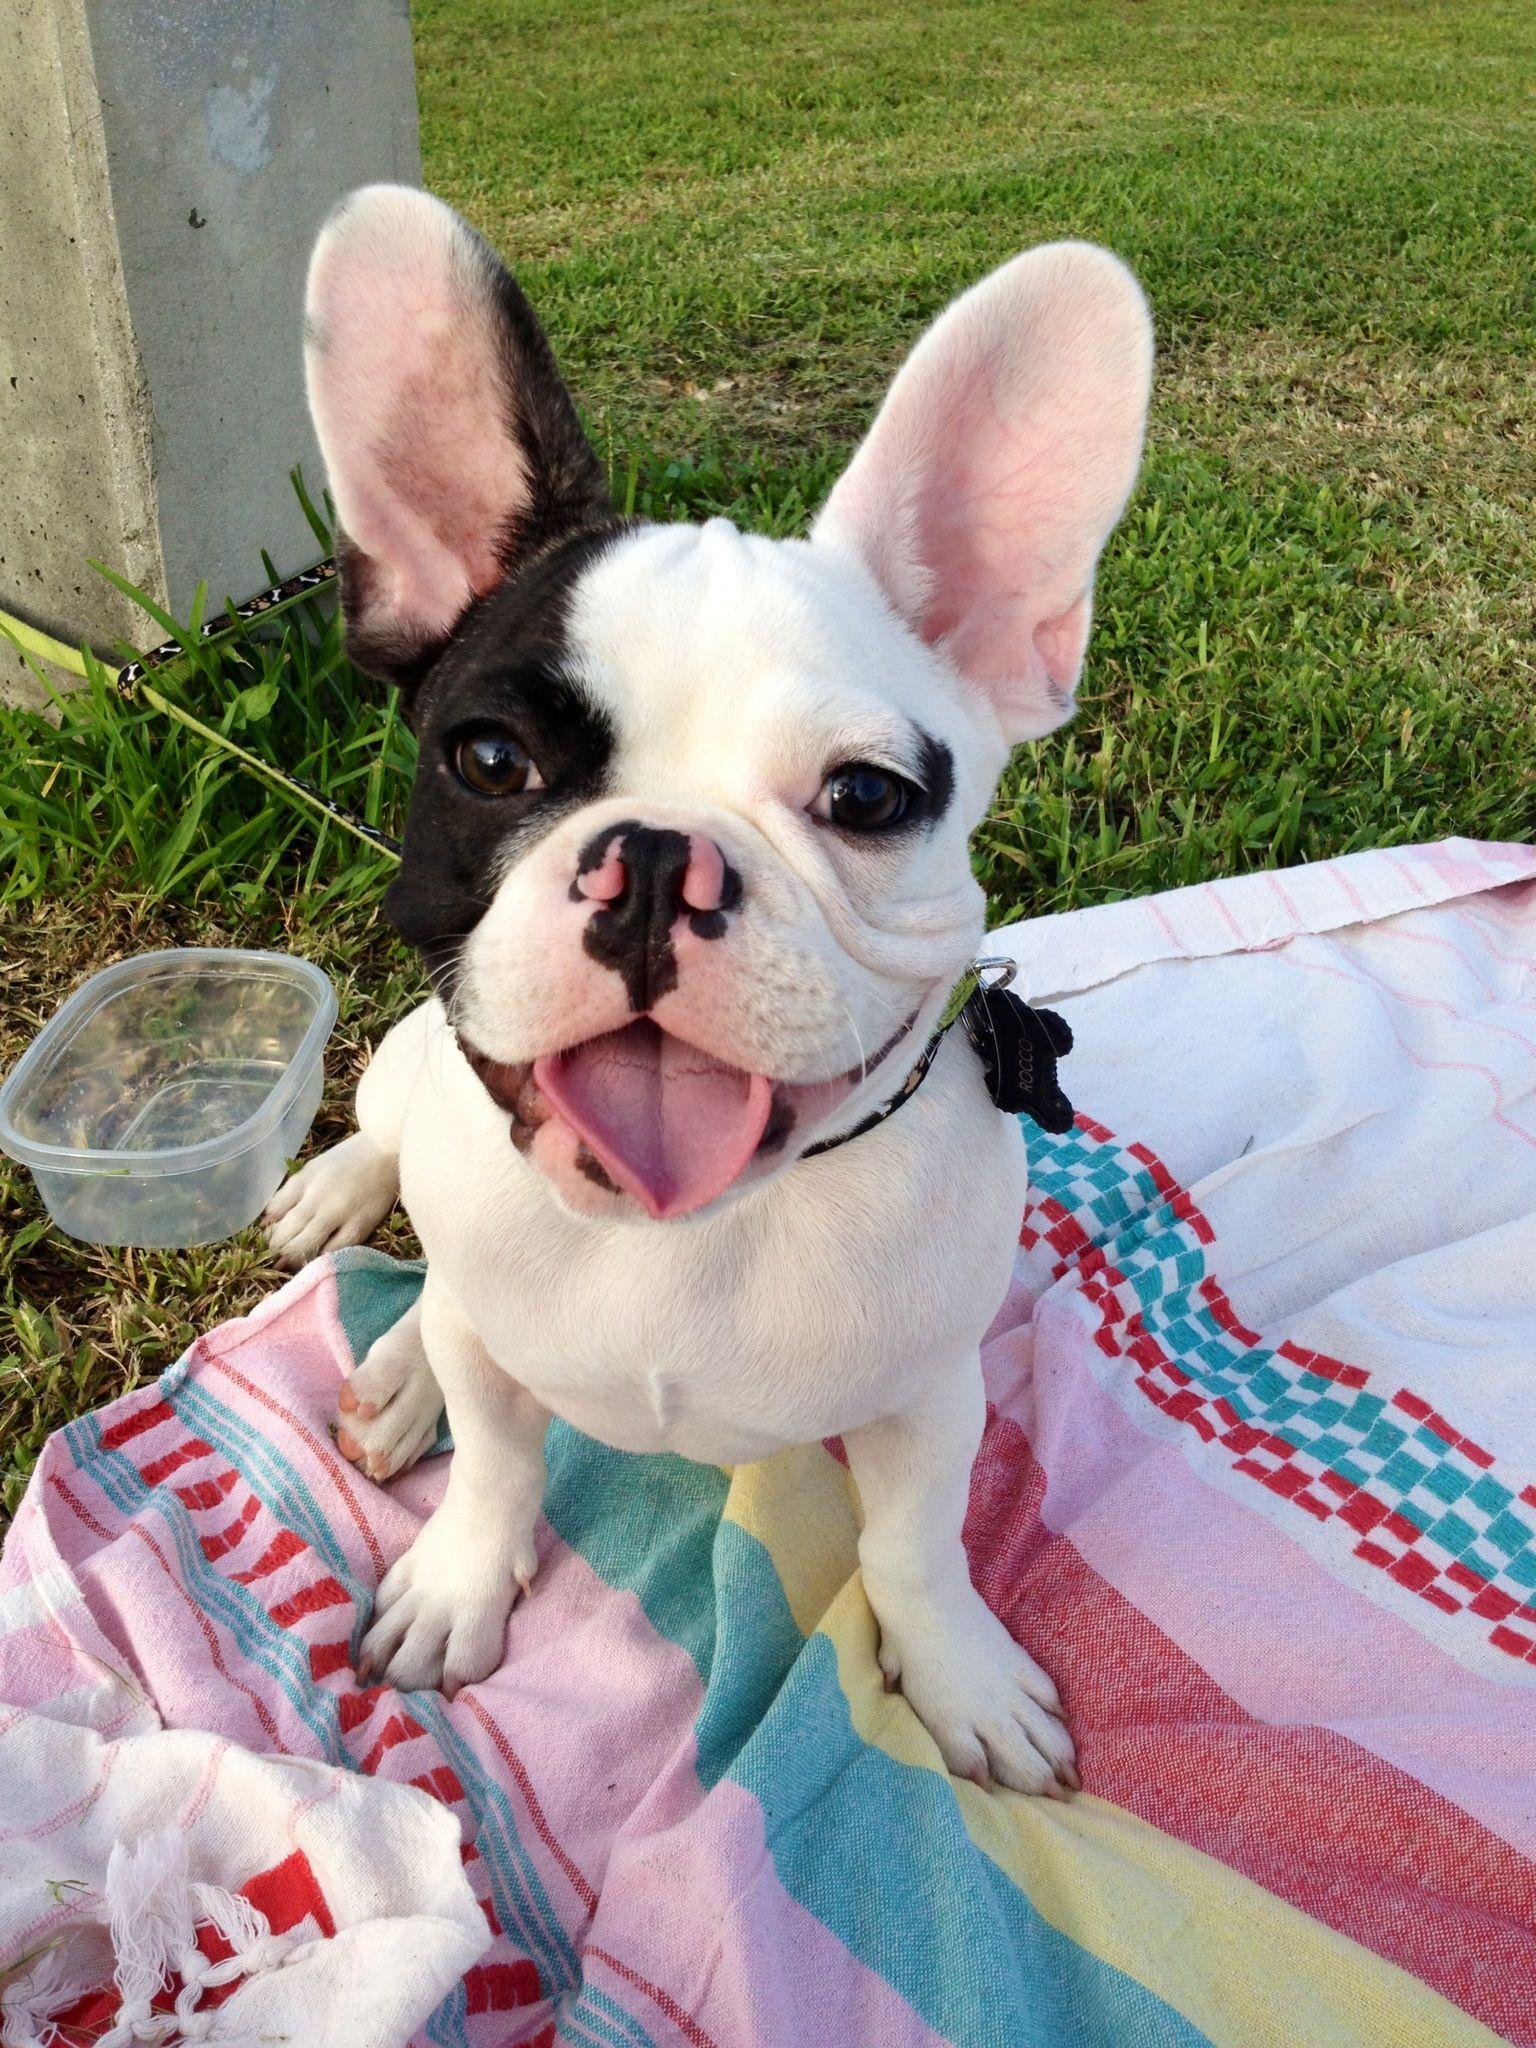 Meet Rocco The French Bulldog Puppy Too Cute Cute Animals